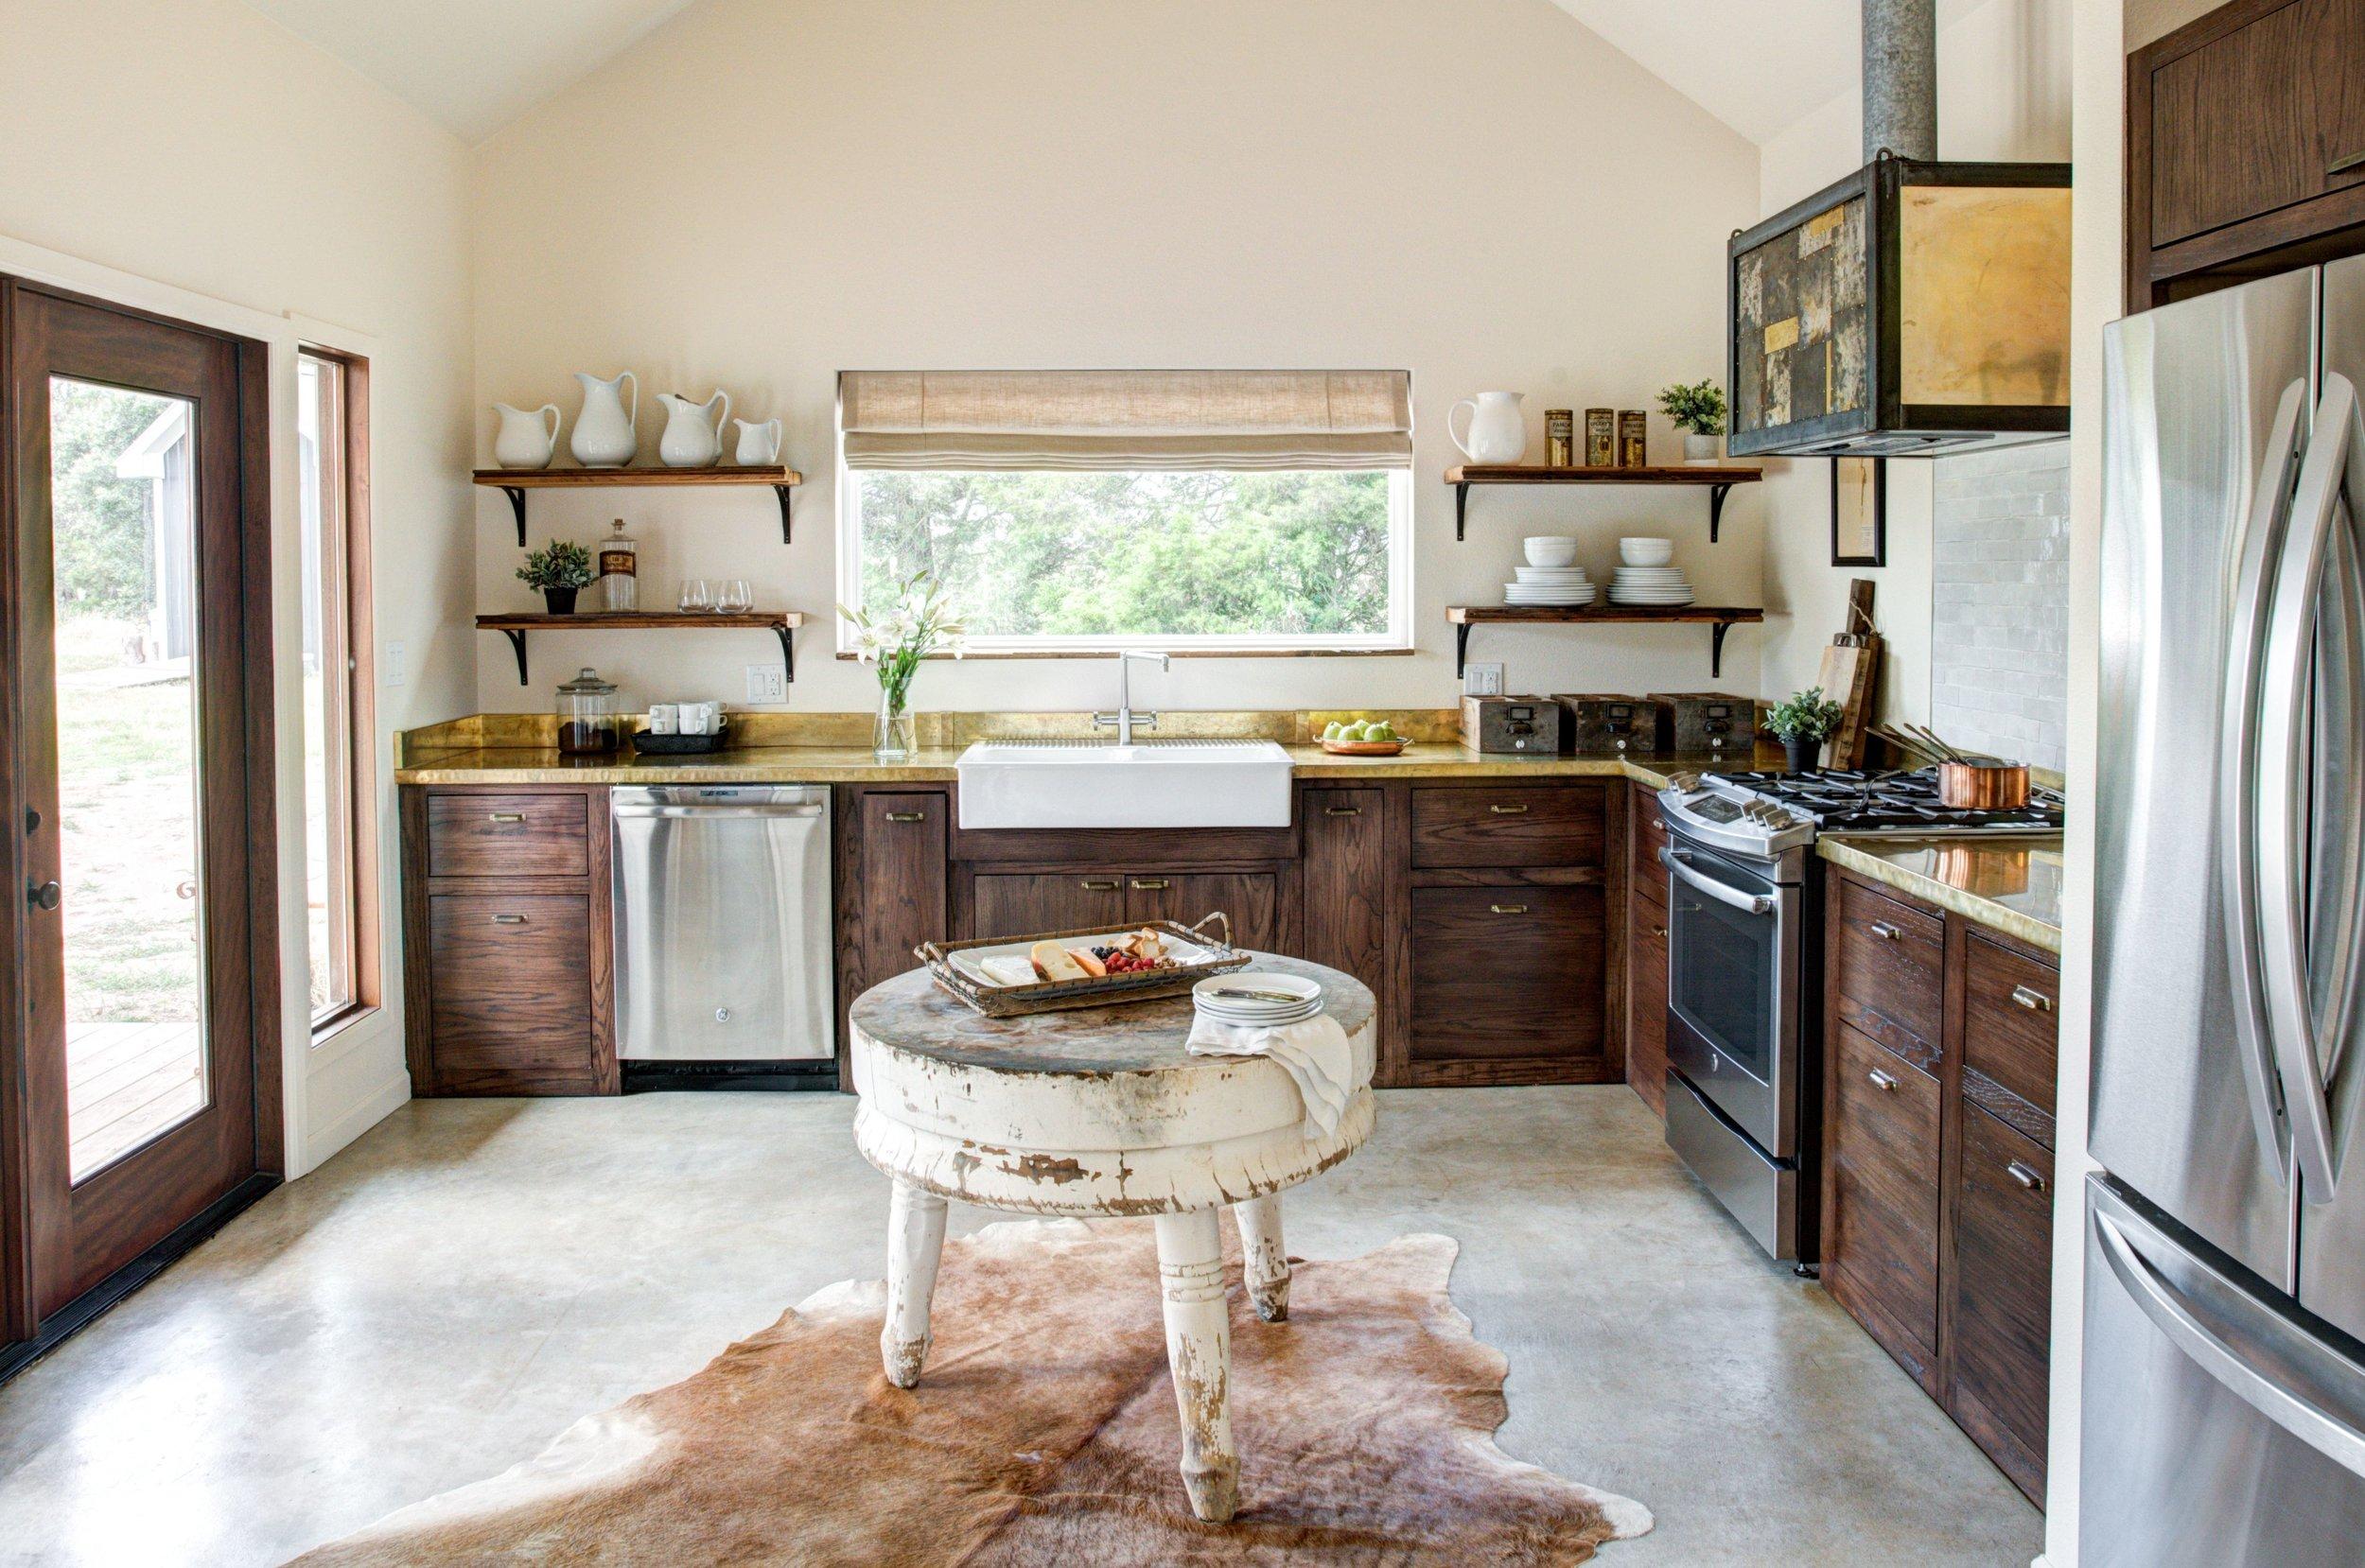 The Boho kitchen.